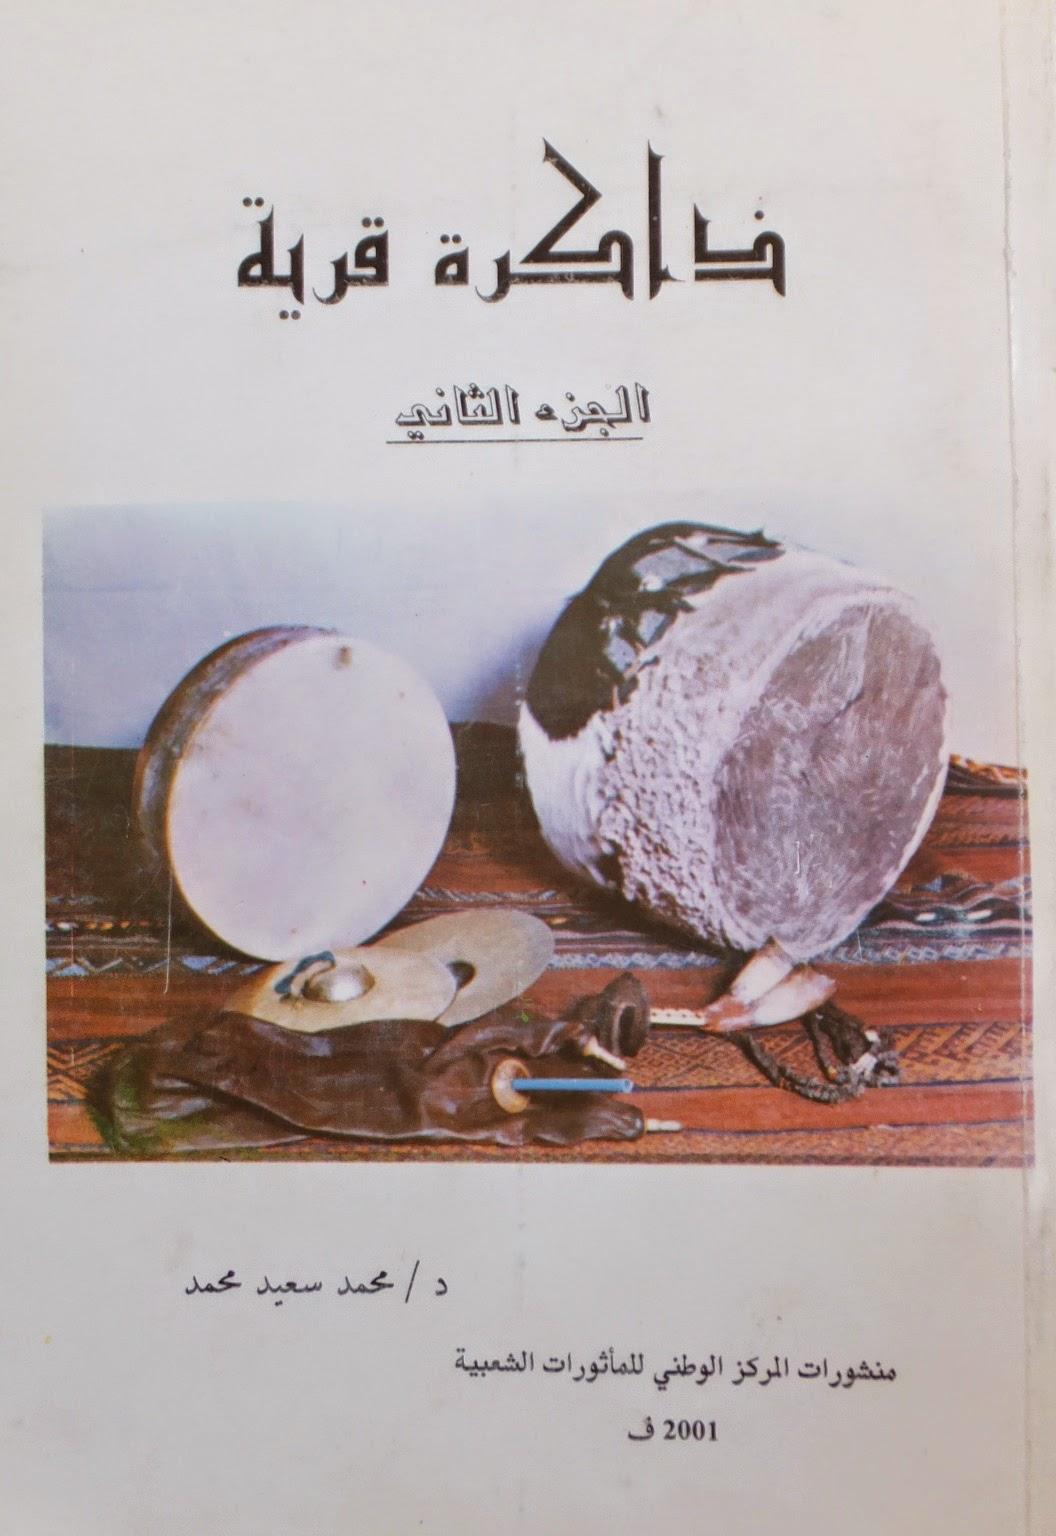 محمد سعيد محمد